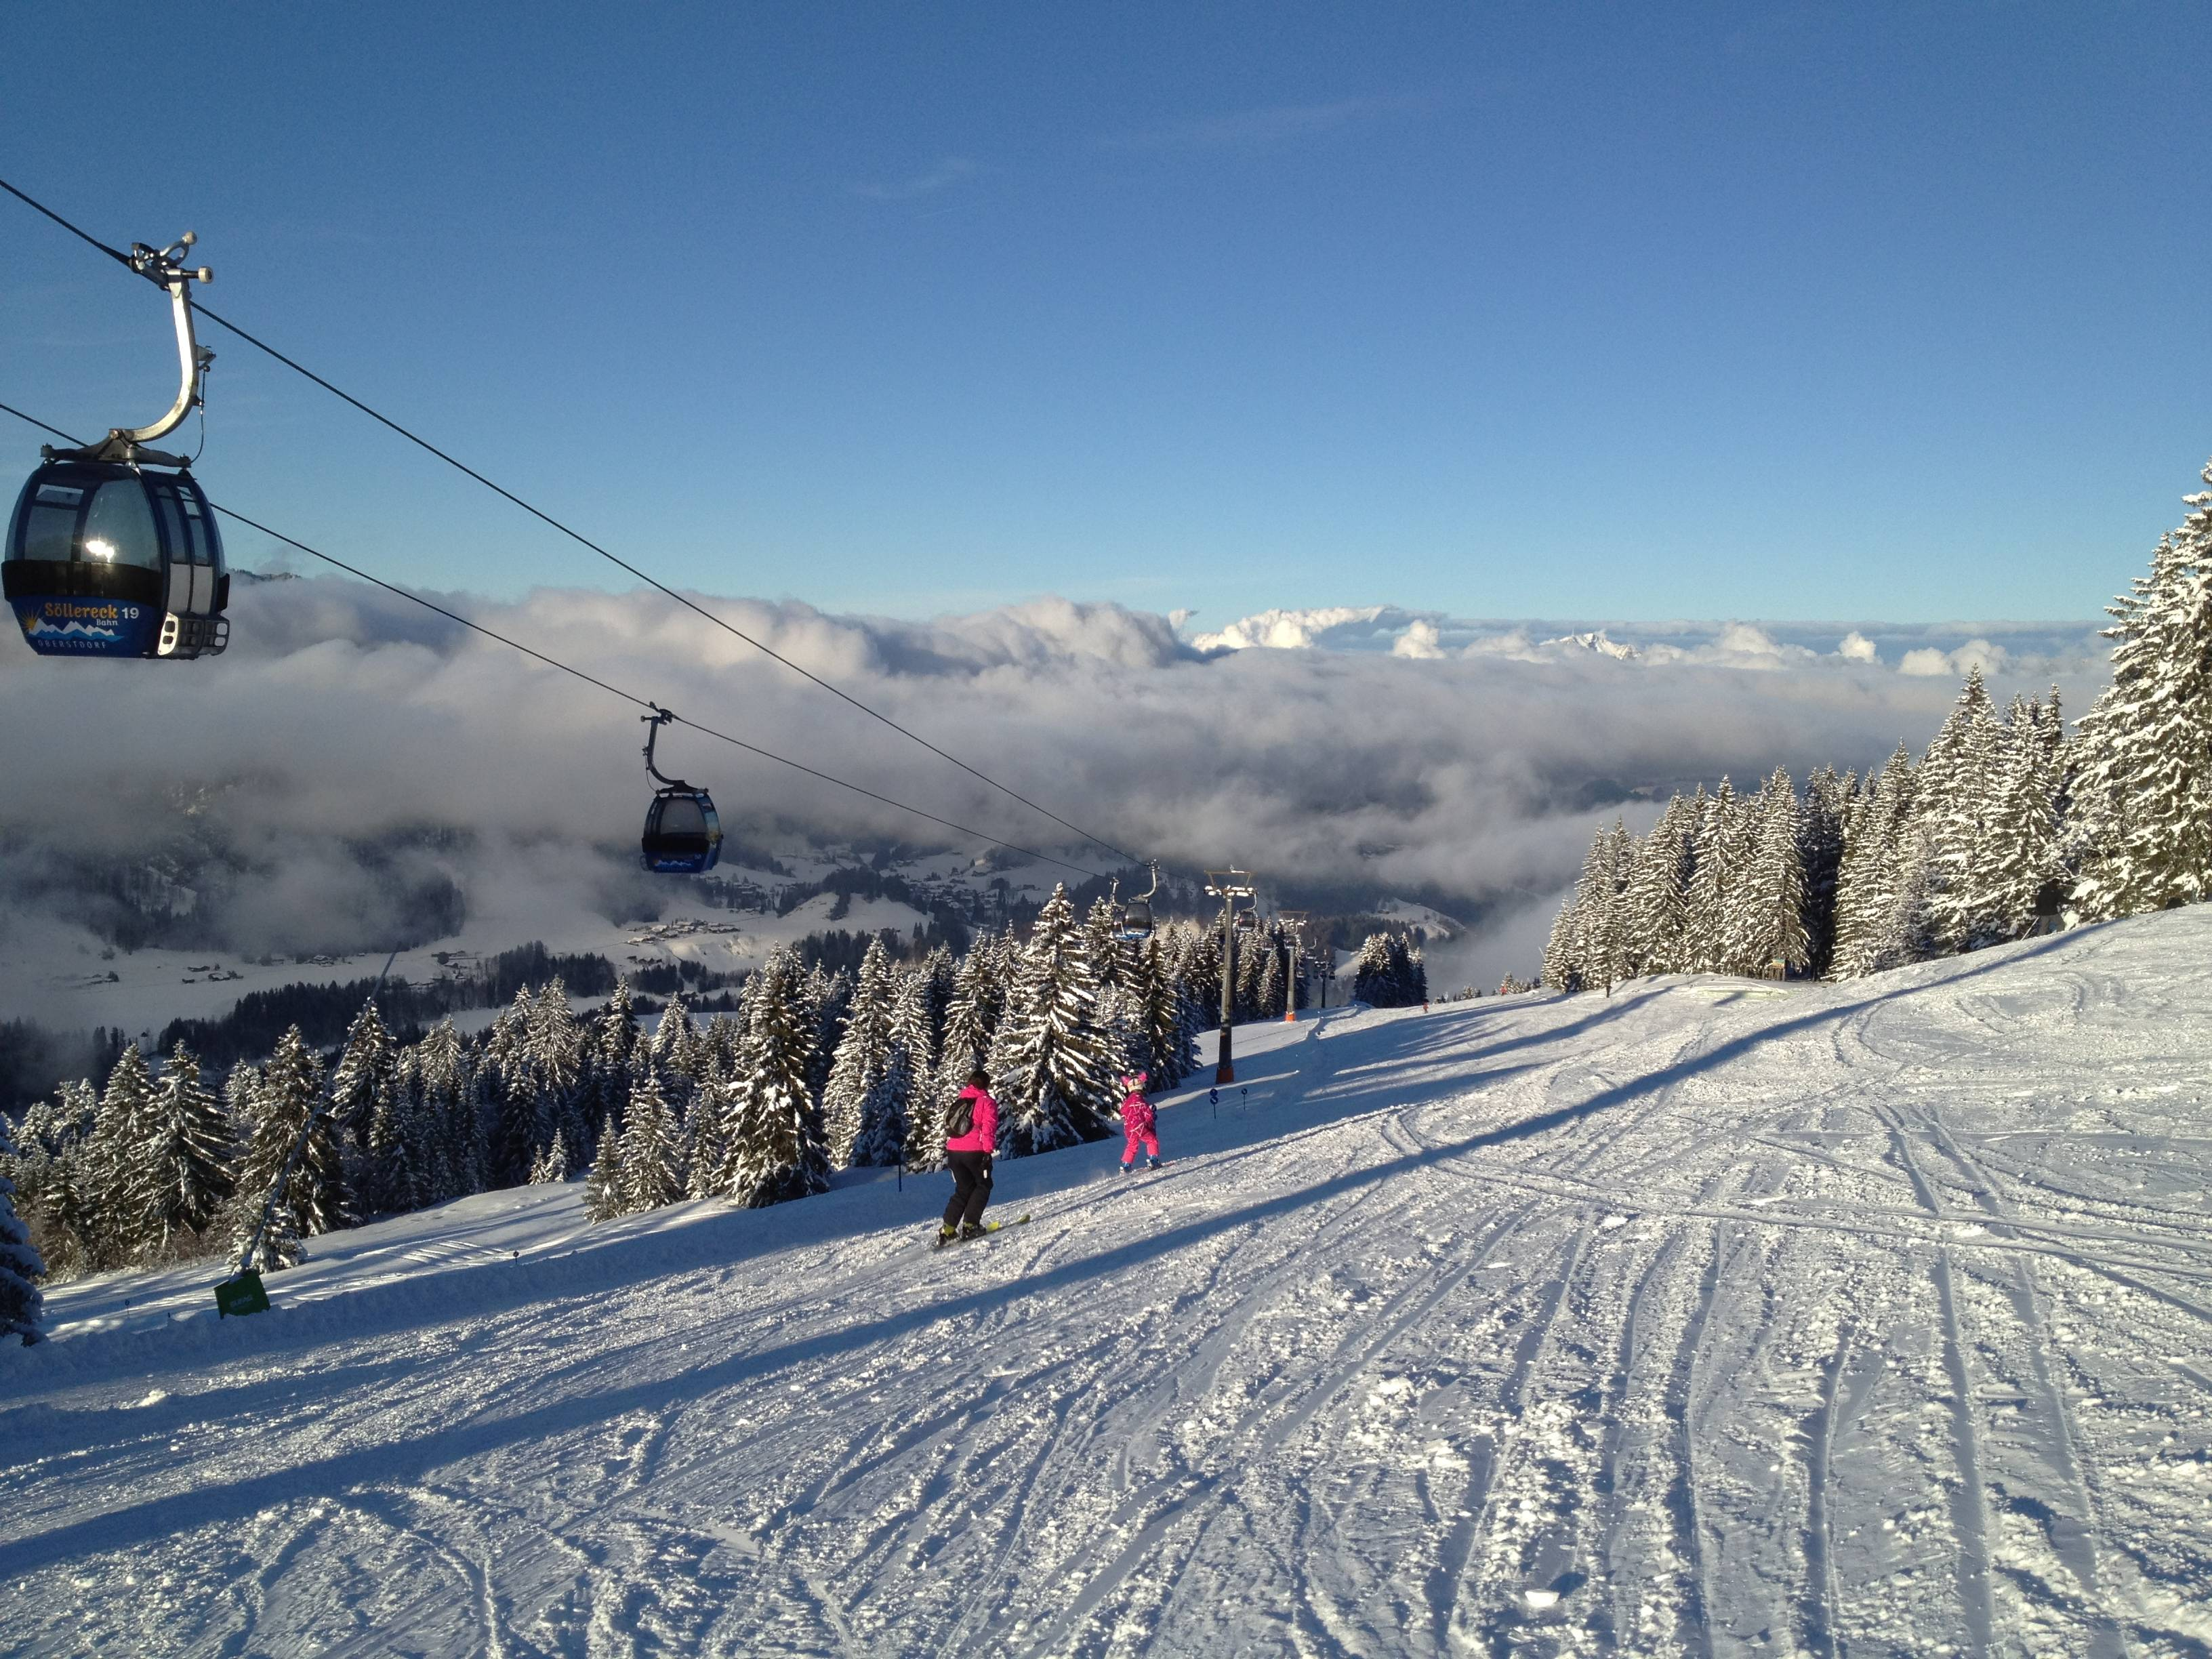 10+ лучших горнолыжных курортов европы в 2020-2021 году